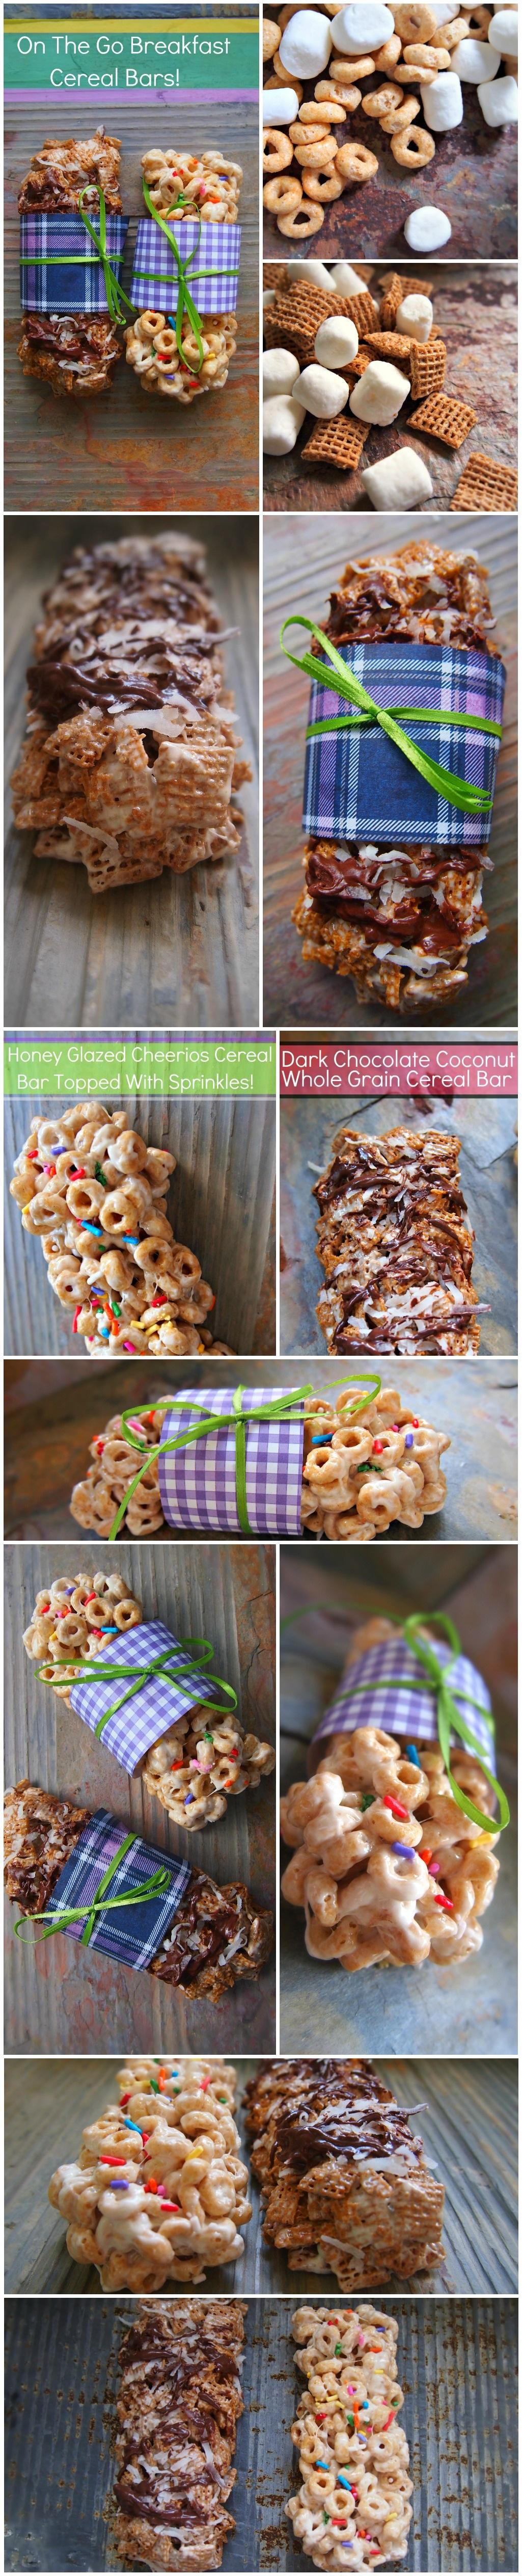 On The Go Cereal Bars! by Tarlynn McNitt #Cereal_Bars #Tarlynn_McNitt